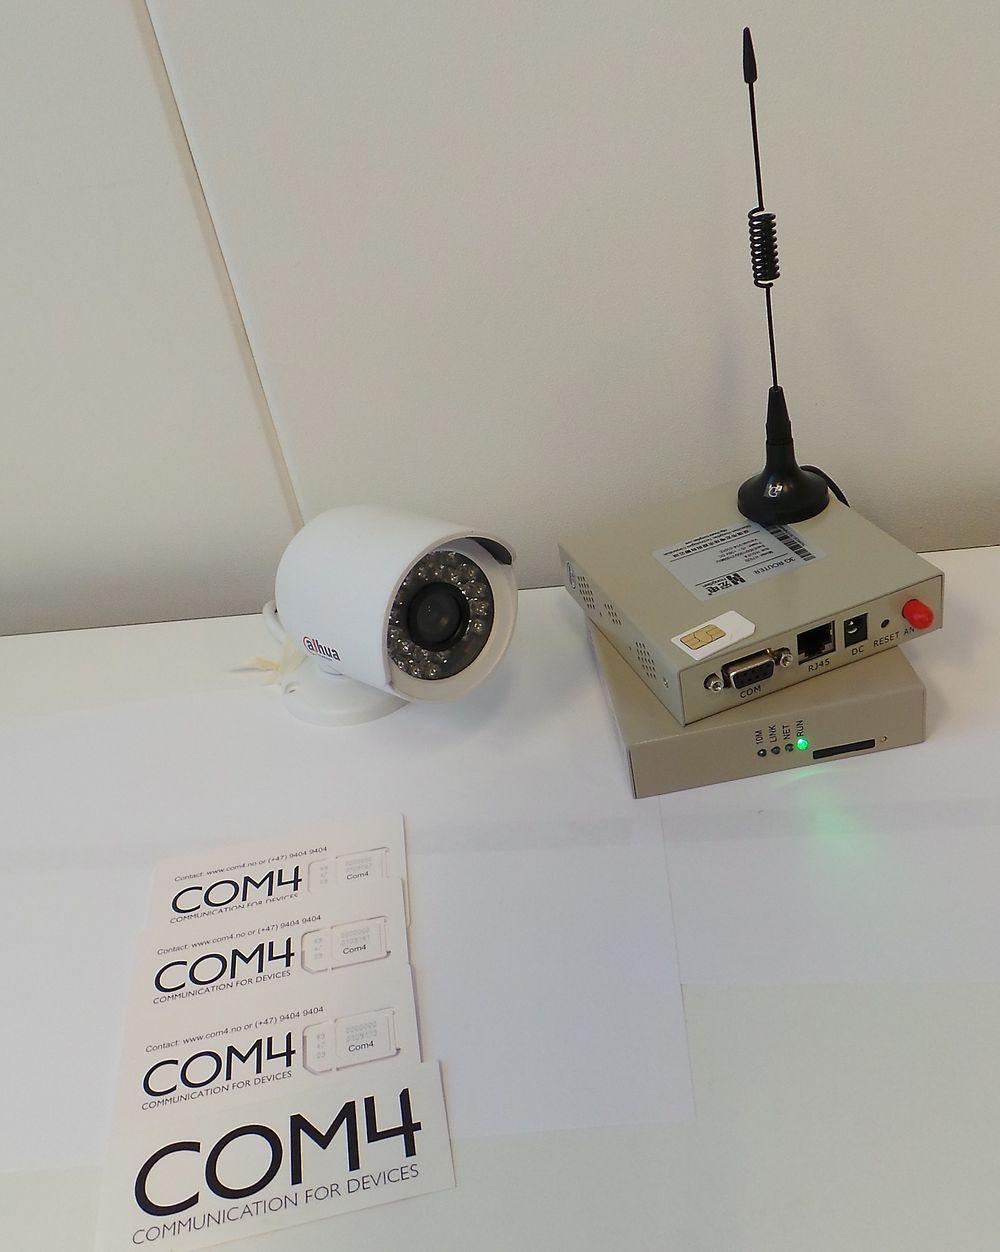 Autic System og COM4 har gått i kompaniskap for å levere komplette maskin-til-maskin-kommunikasjon (M2M).